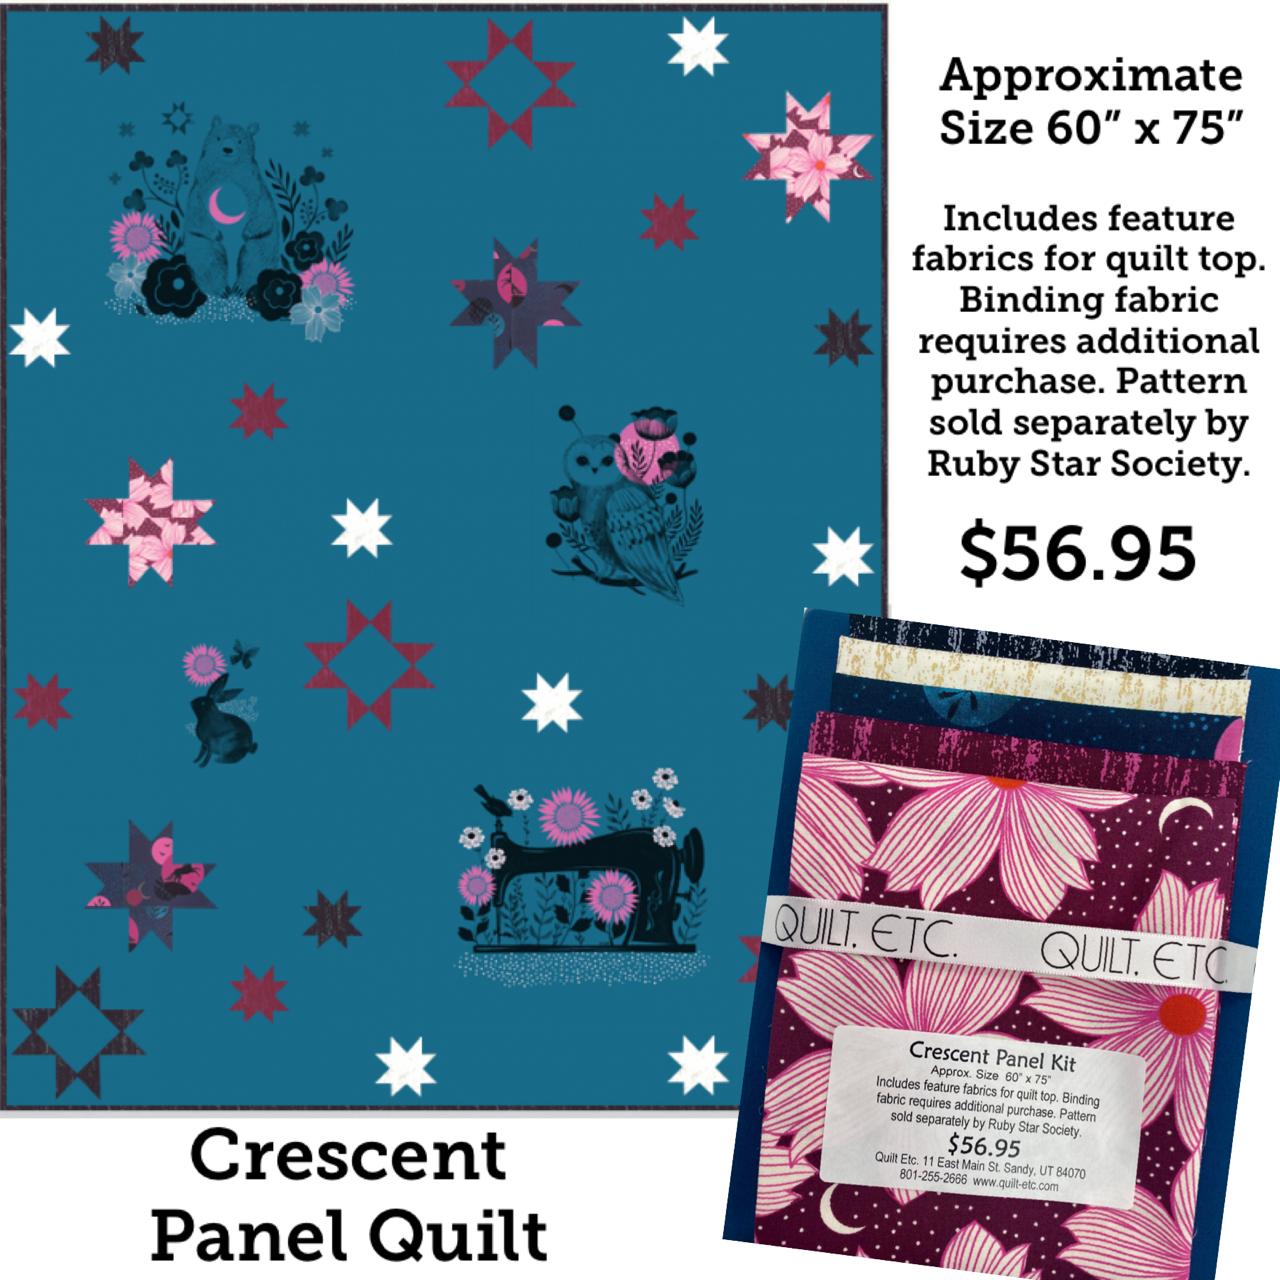 Crescent Panel Quilt